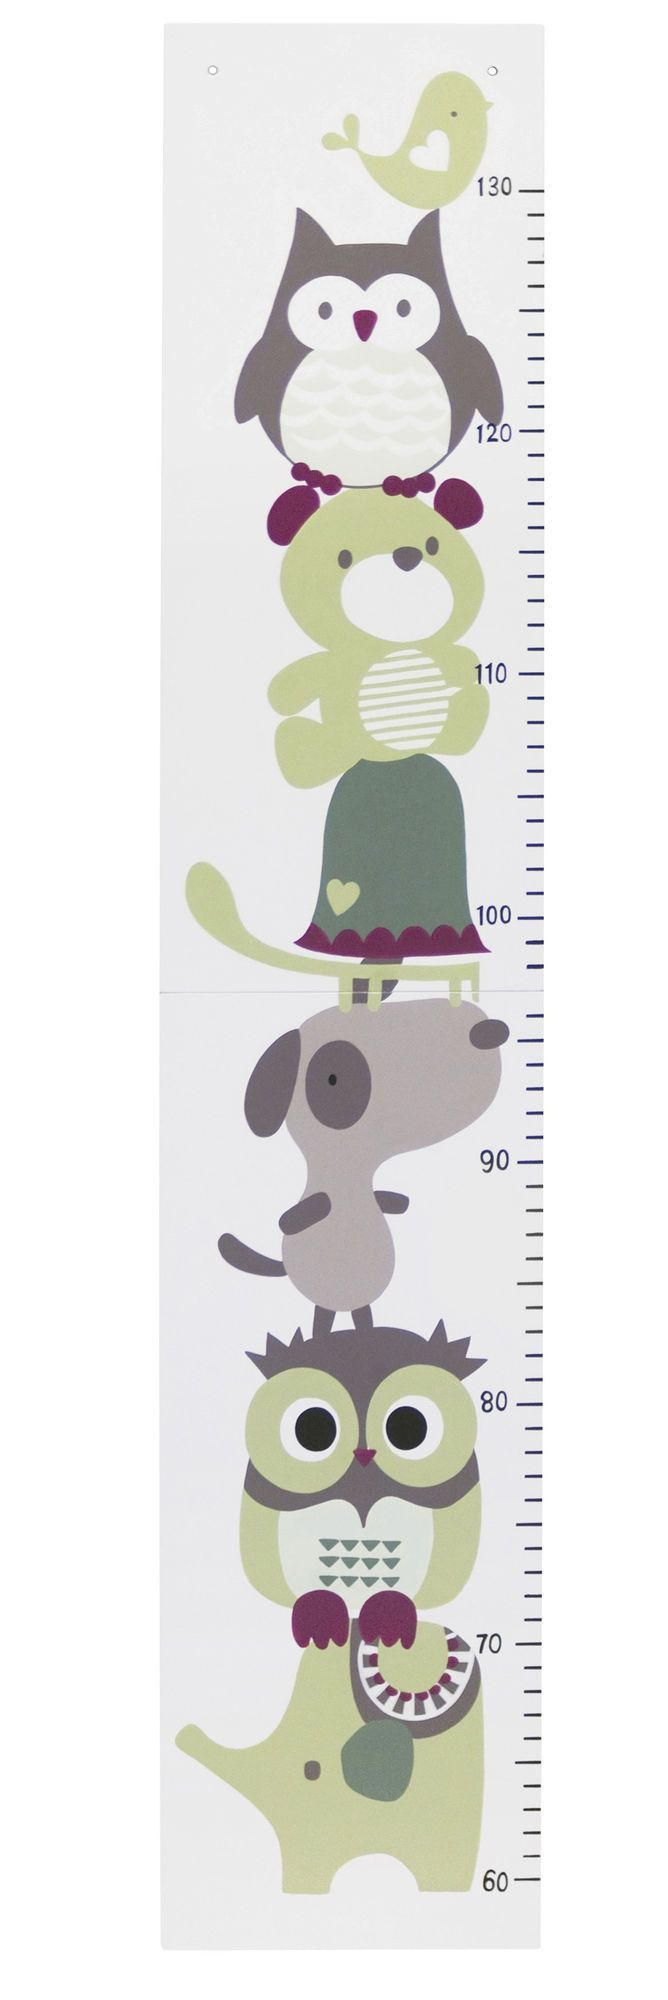 <b>Kids Concept Mätsticka Pumpkin Vit</b> är en mätsticka för barn att hänga på väggen från Kids Concepts populära barnserie Pumpkin. <br>Mätstickan som är tillverkad i trä pryds av ugglan och hans vänner och mäter barnets längd mellan 60-130 cm. Stickan är ett pedagogiskt sätt för barnet att förstå längd och mått, ett kul sätt att dokumentera ditt barns utveckling och en fin väggdekoration för att sätta personlig prägel i barnrummet. Vill man inte ha mätstickan upphäng...